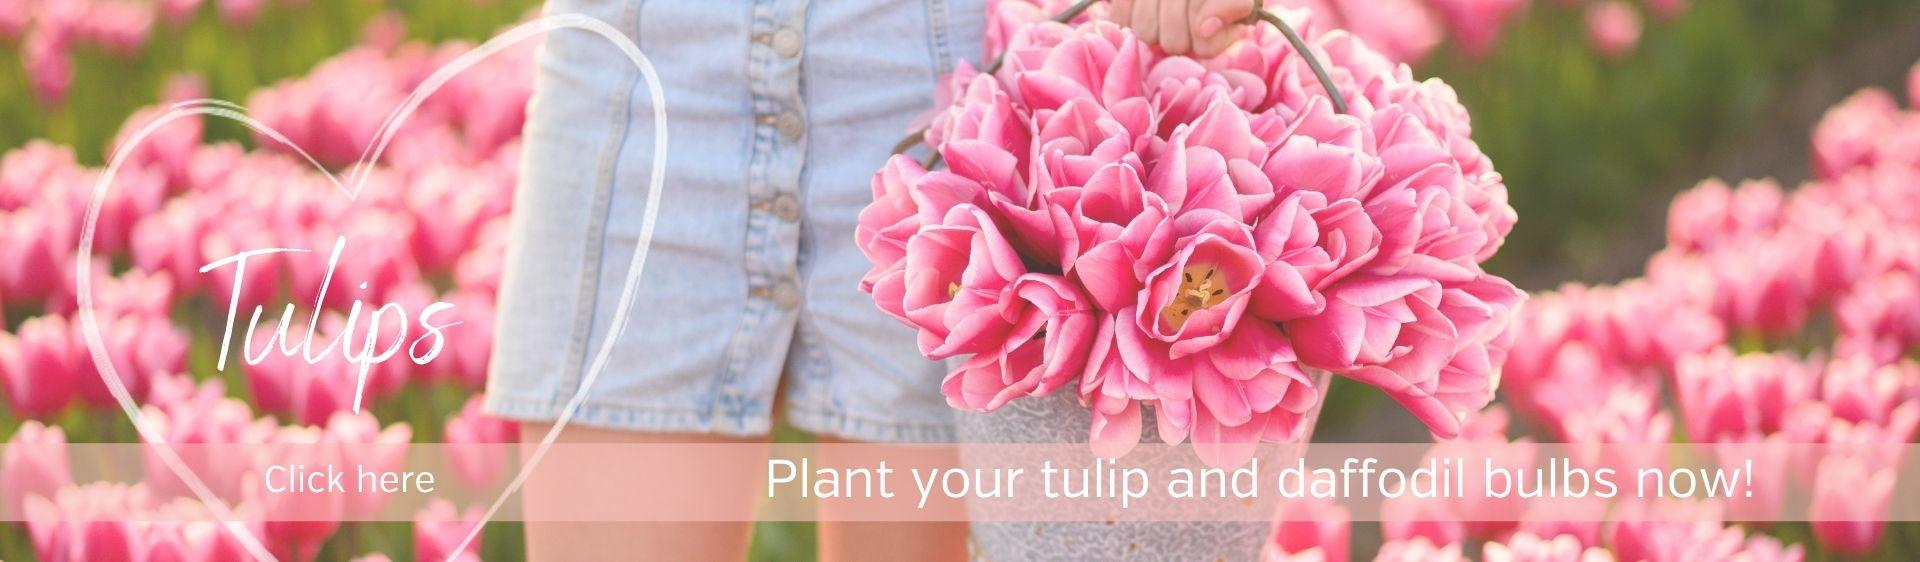 Tulips bulbs from our farm